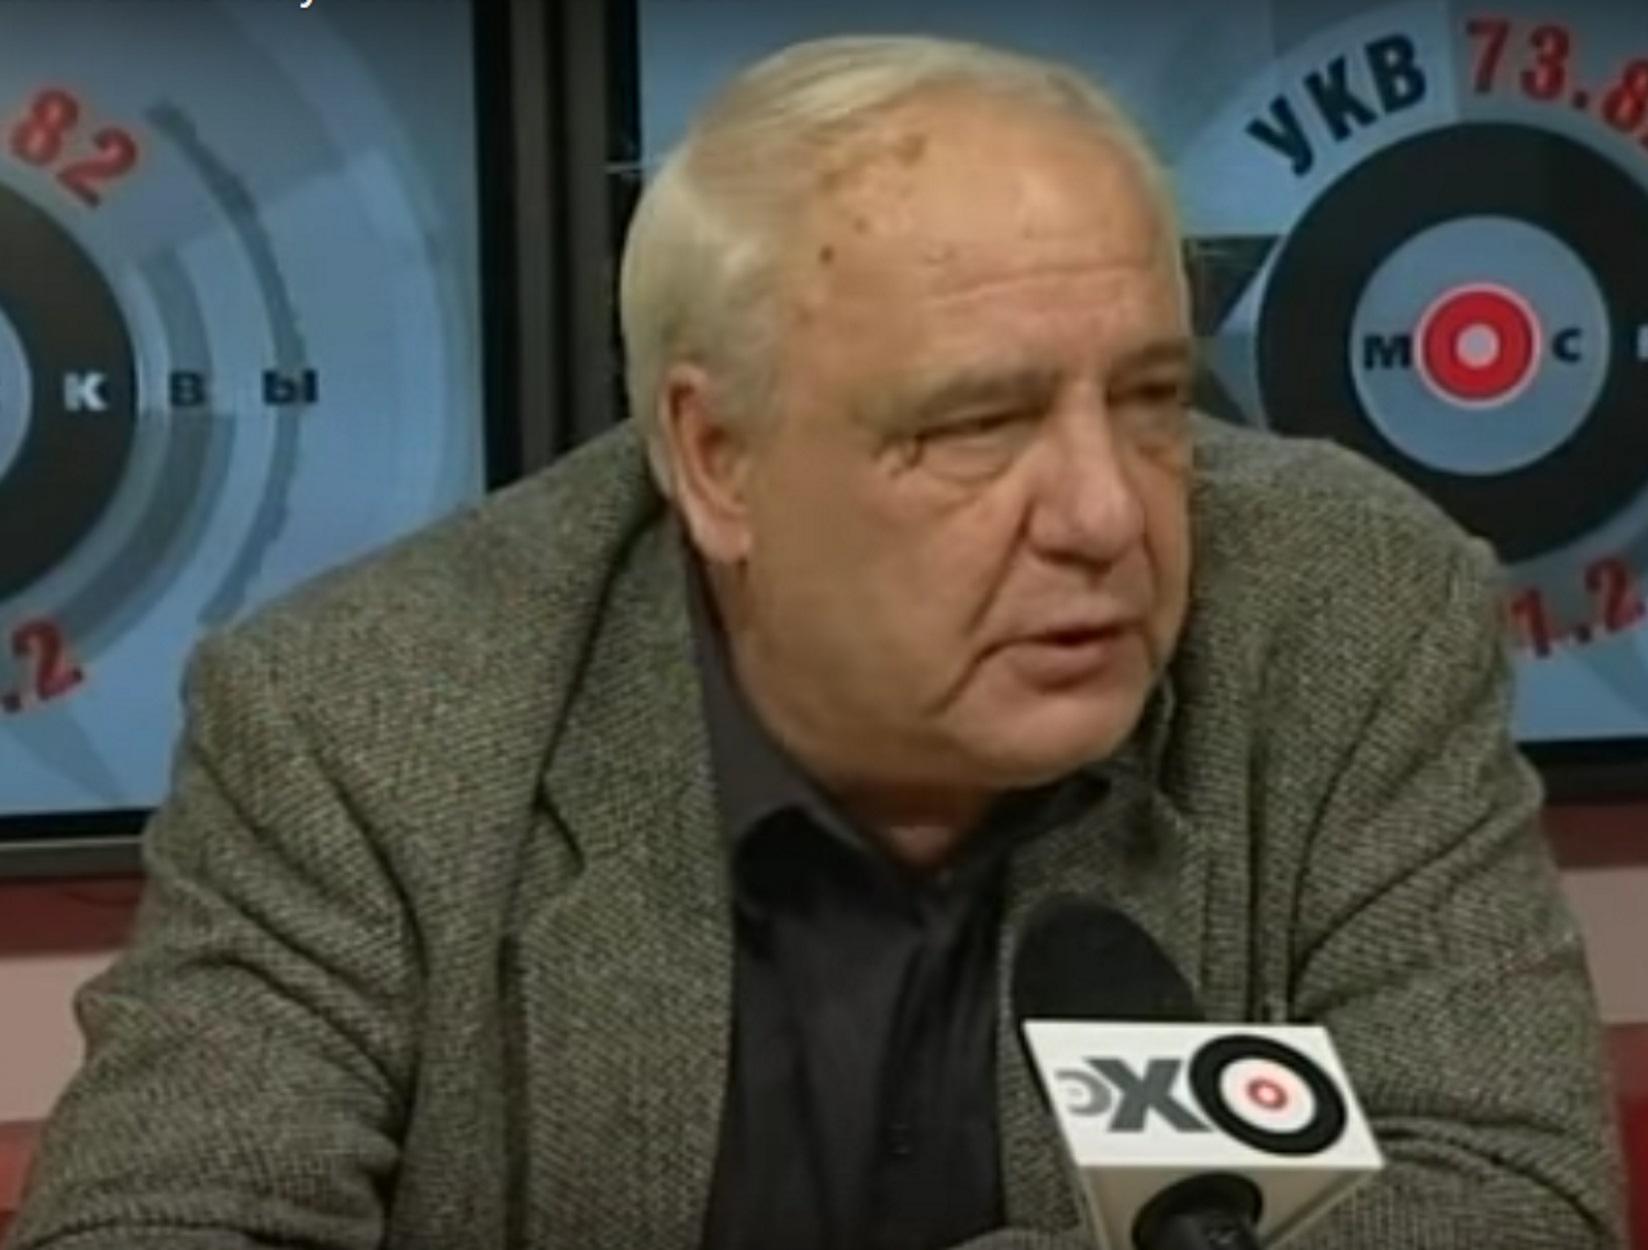 Πέθανε ο διάσημος αντιφρονούντας επί Σοβιετικής Ένωσης, Βλαντιμίρ Μπουκόφσκι! video